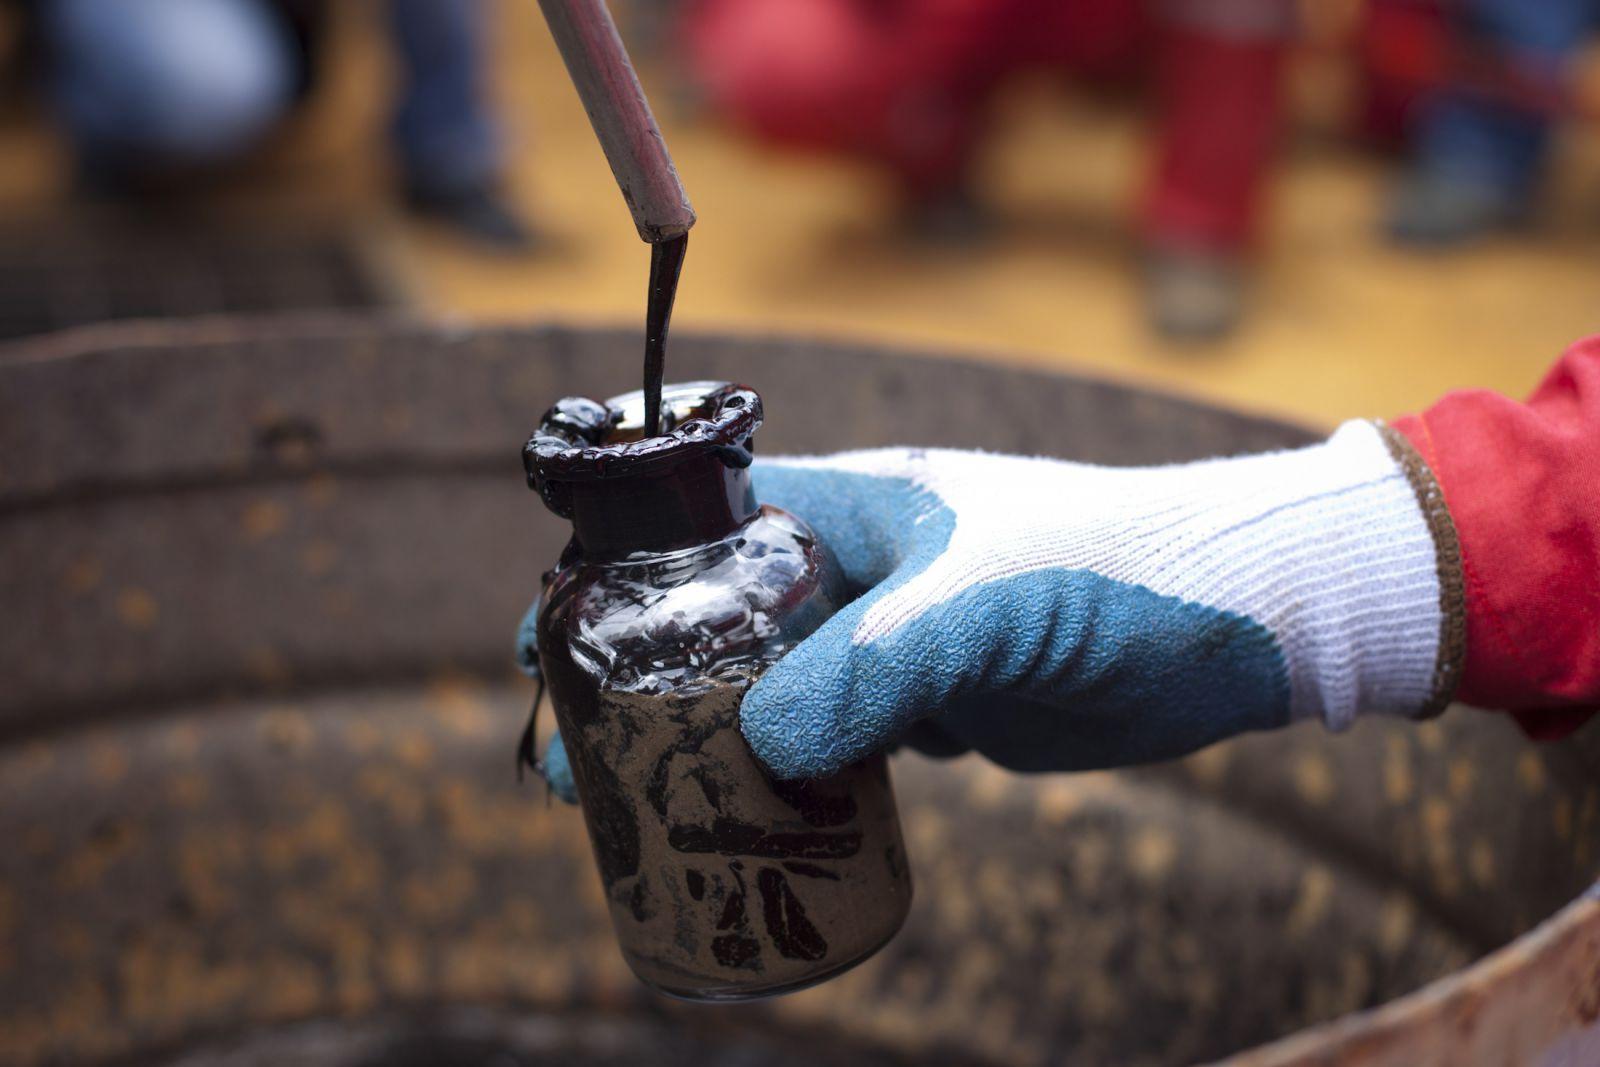 Казахстан сянваря сократил добычу нефти врамках соглашения ОПЕК+